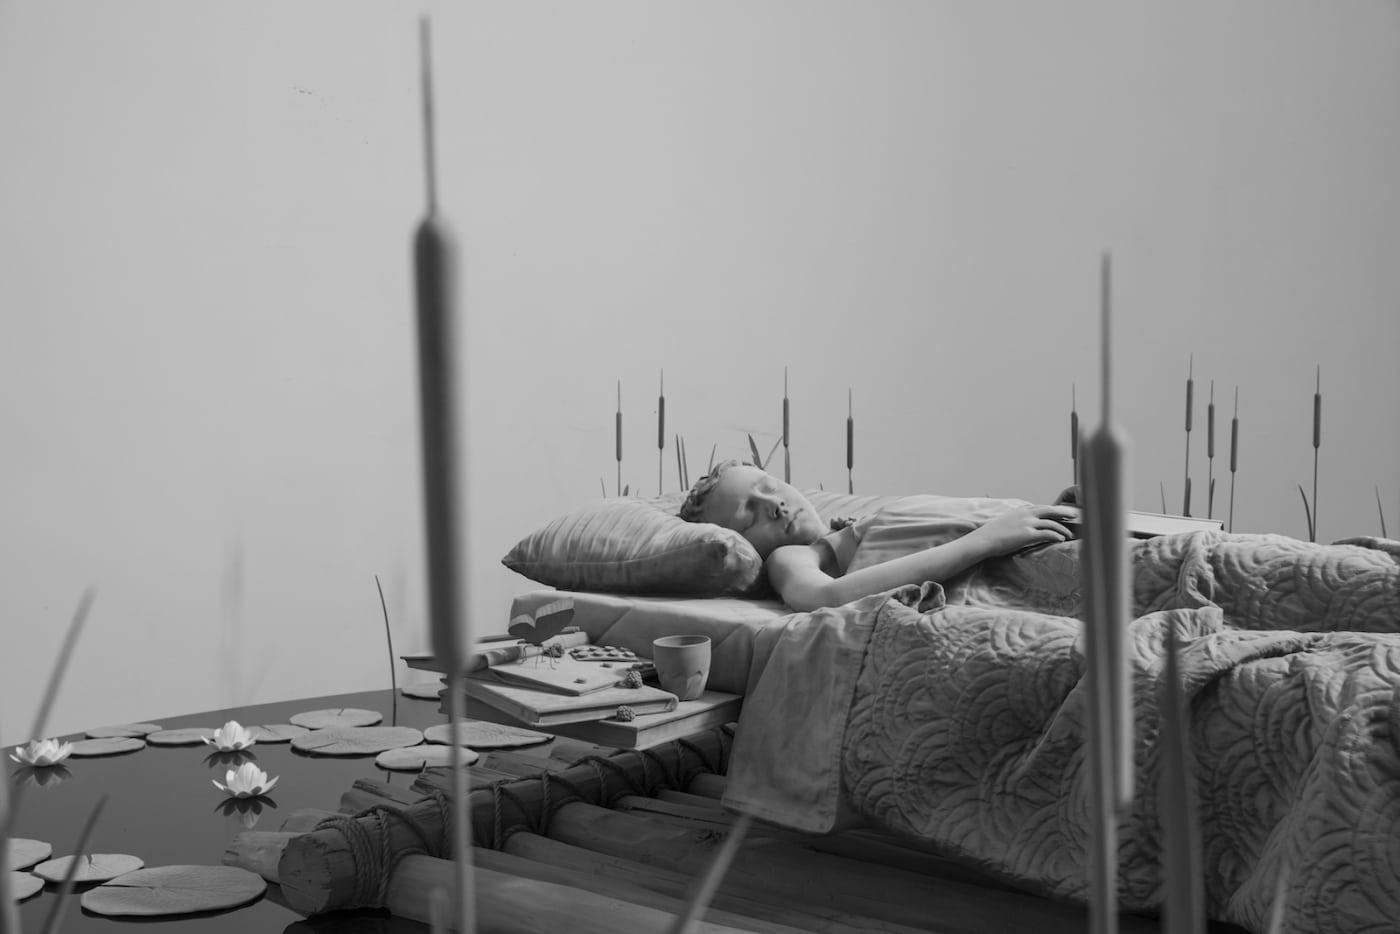 Hans Op de Beeck Monochrome Sculpture My Bed a Raft